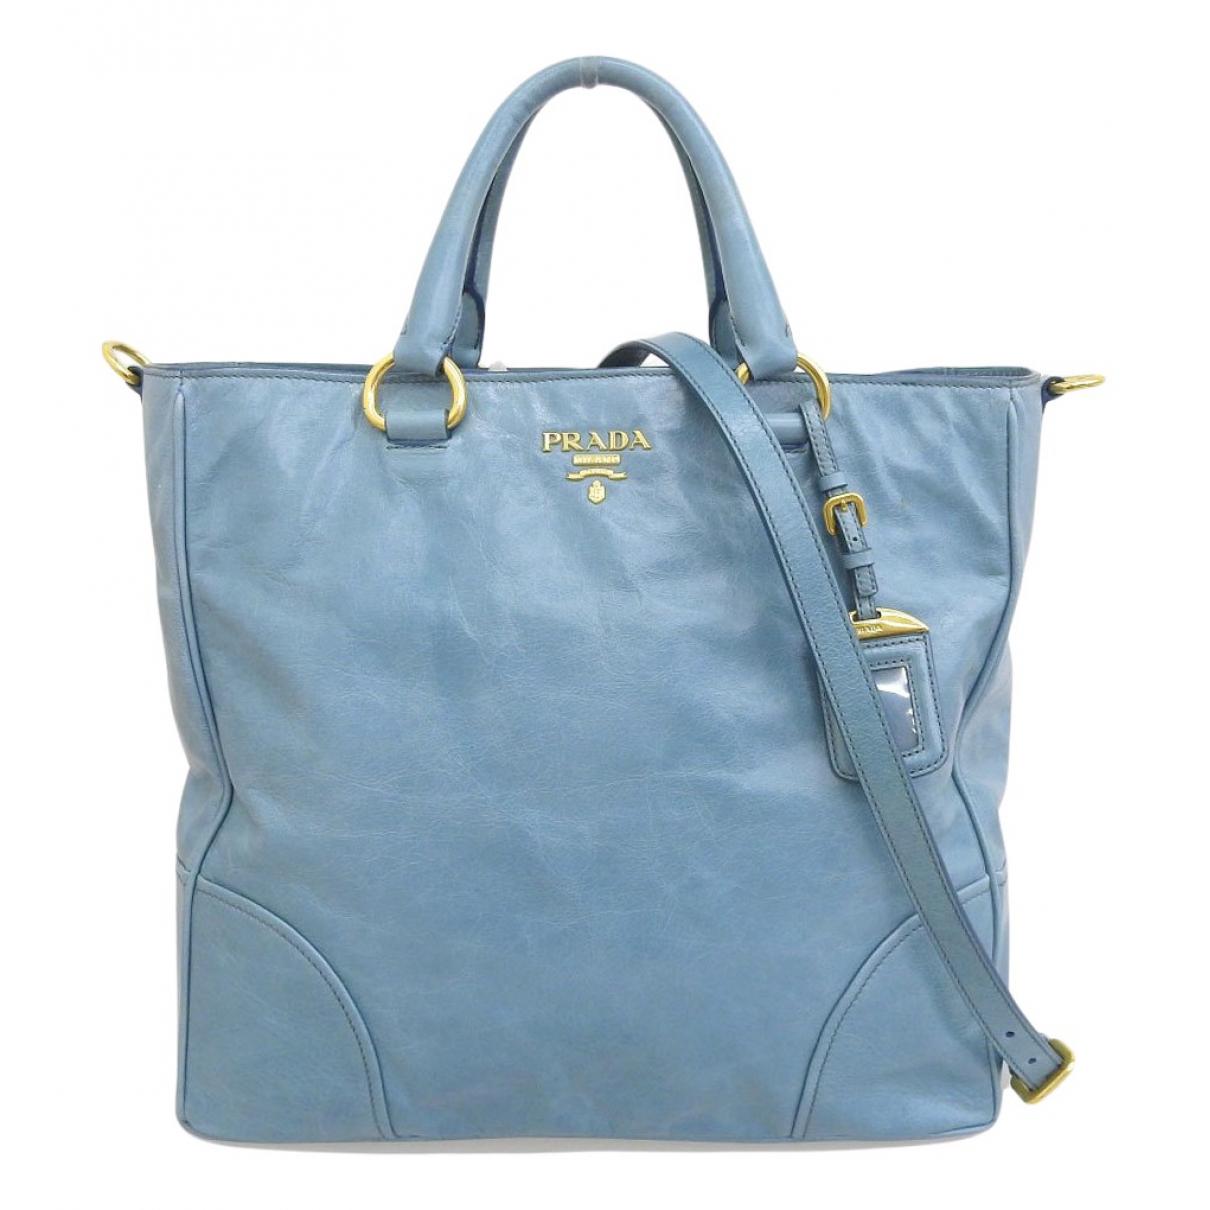 Prada - Sac a main   pour femme en cuir - bleu